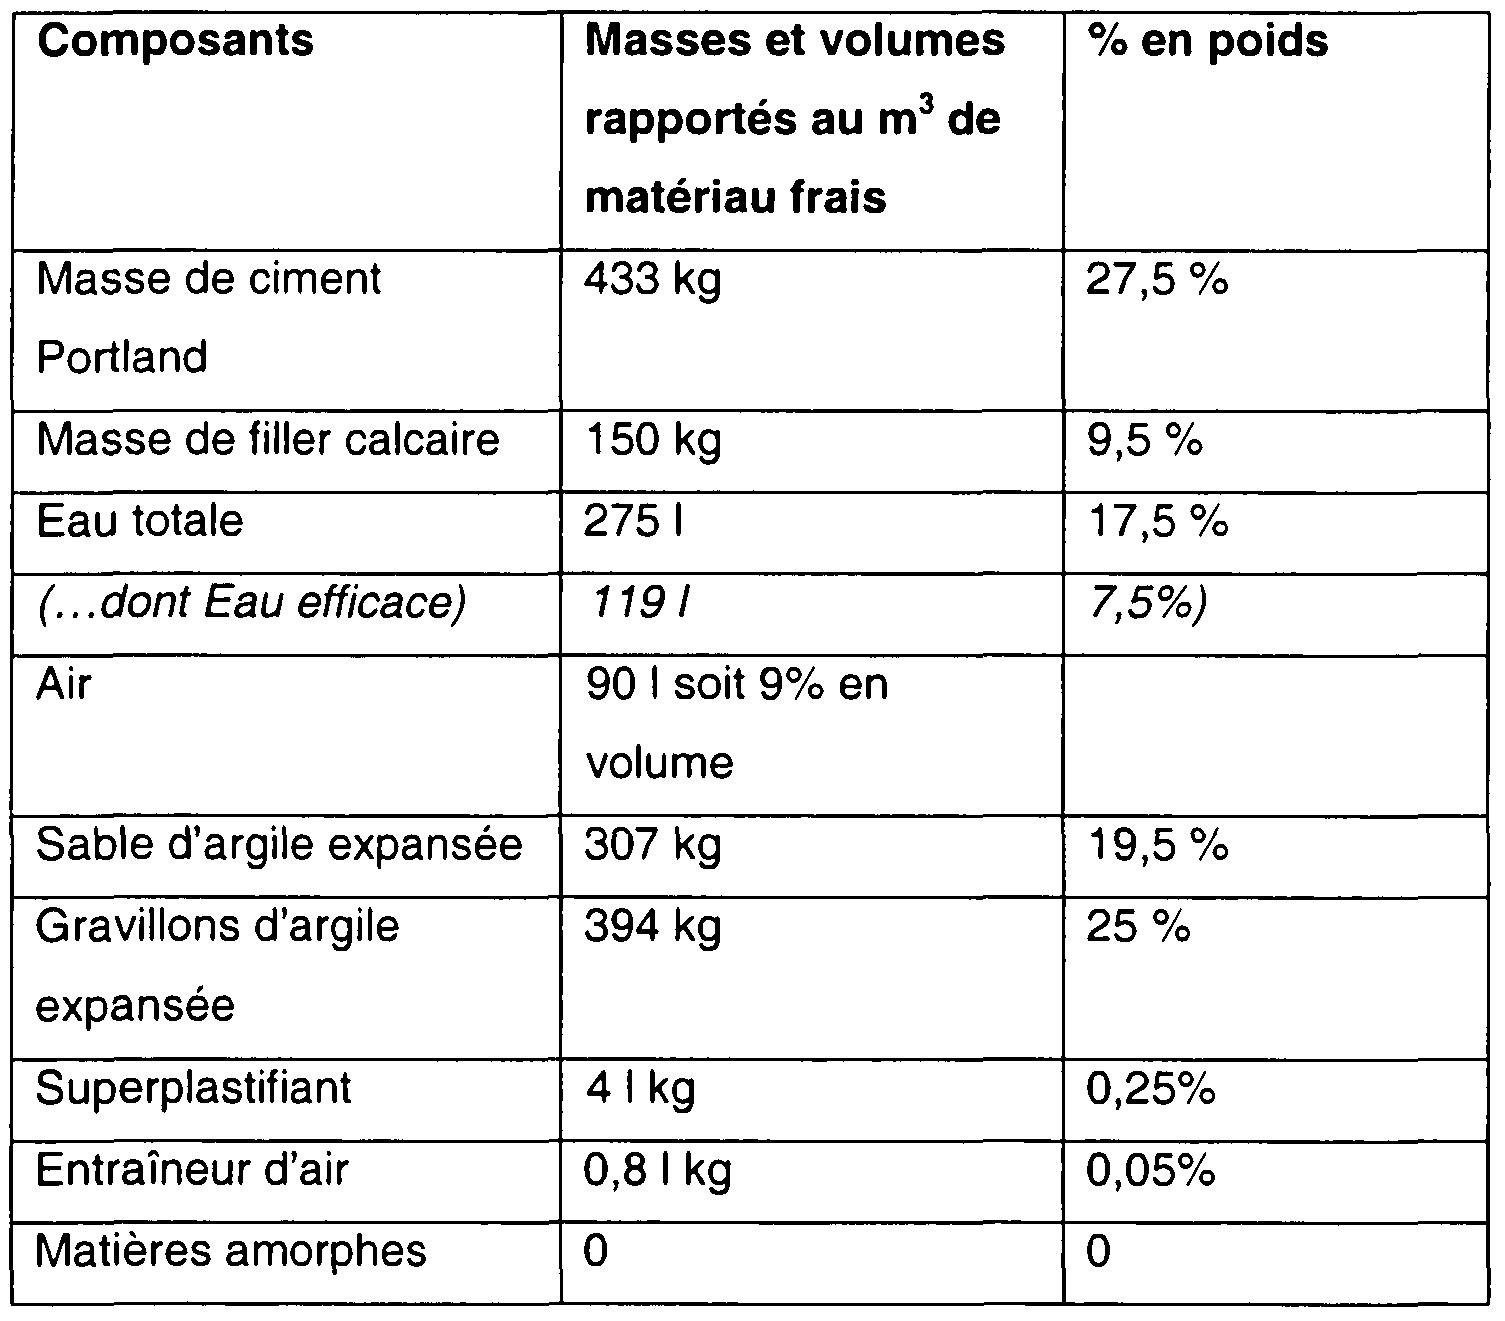 Brevet wo2009083809a2 formulation utilisation et proc d d 39 obtention d 39 un b ton l ger - Poids d un metre cube de sable ...